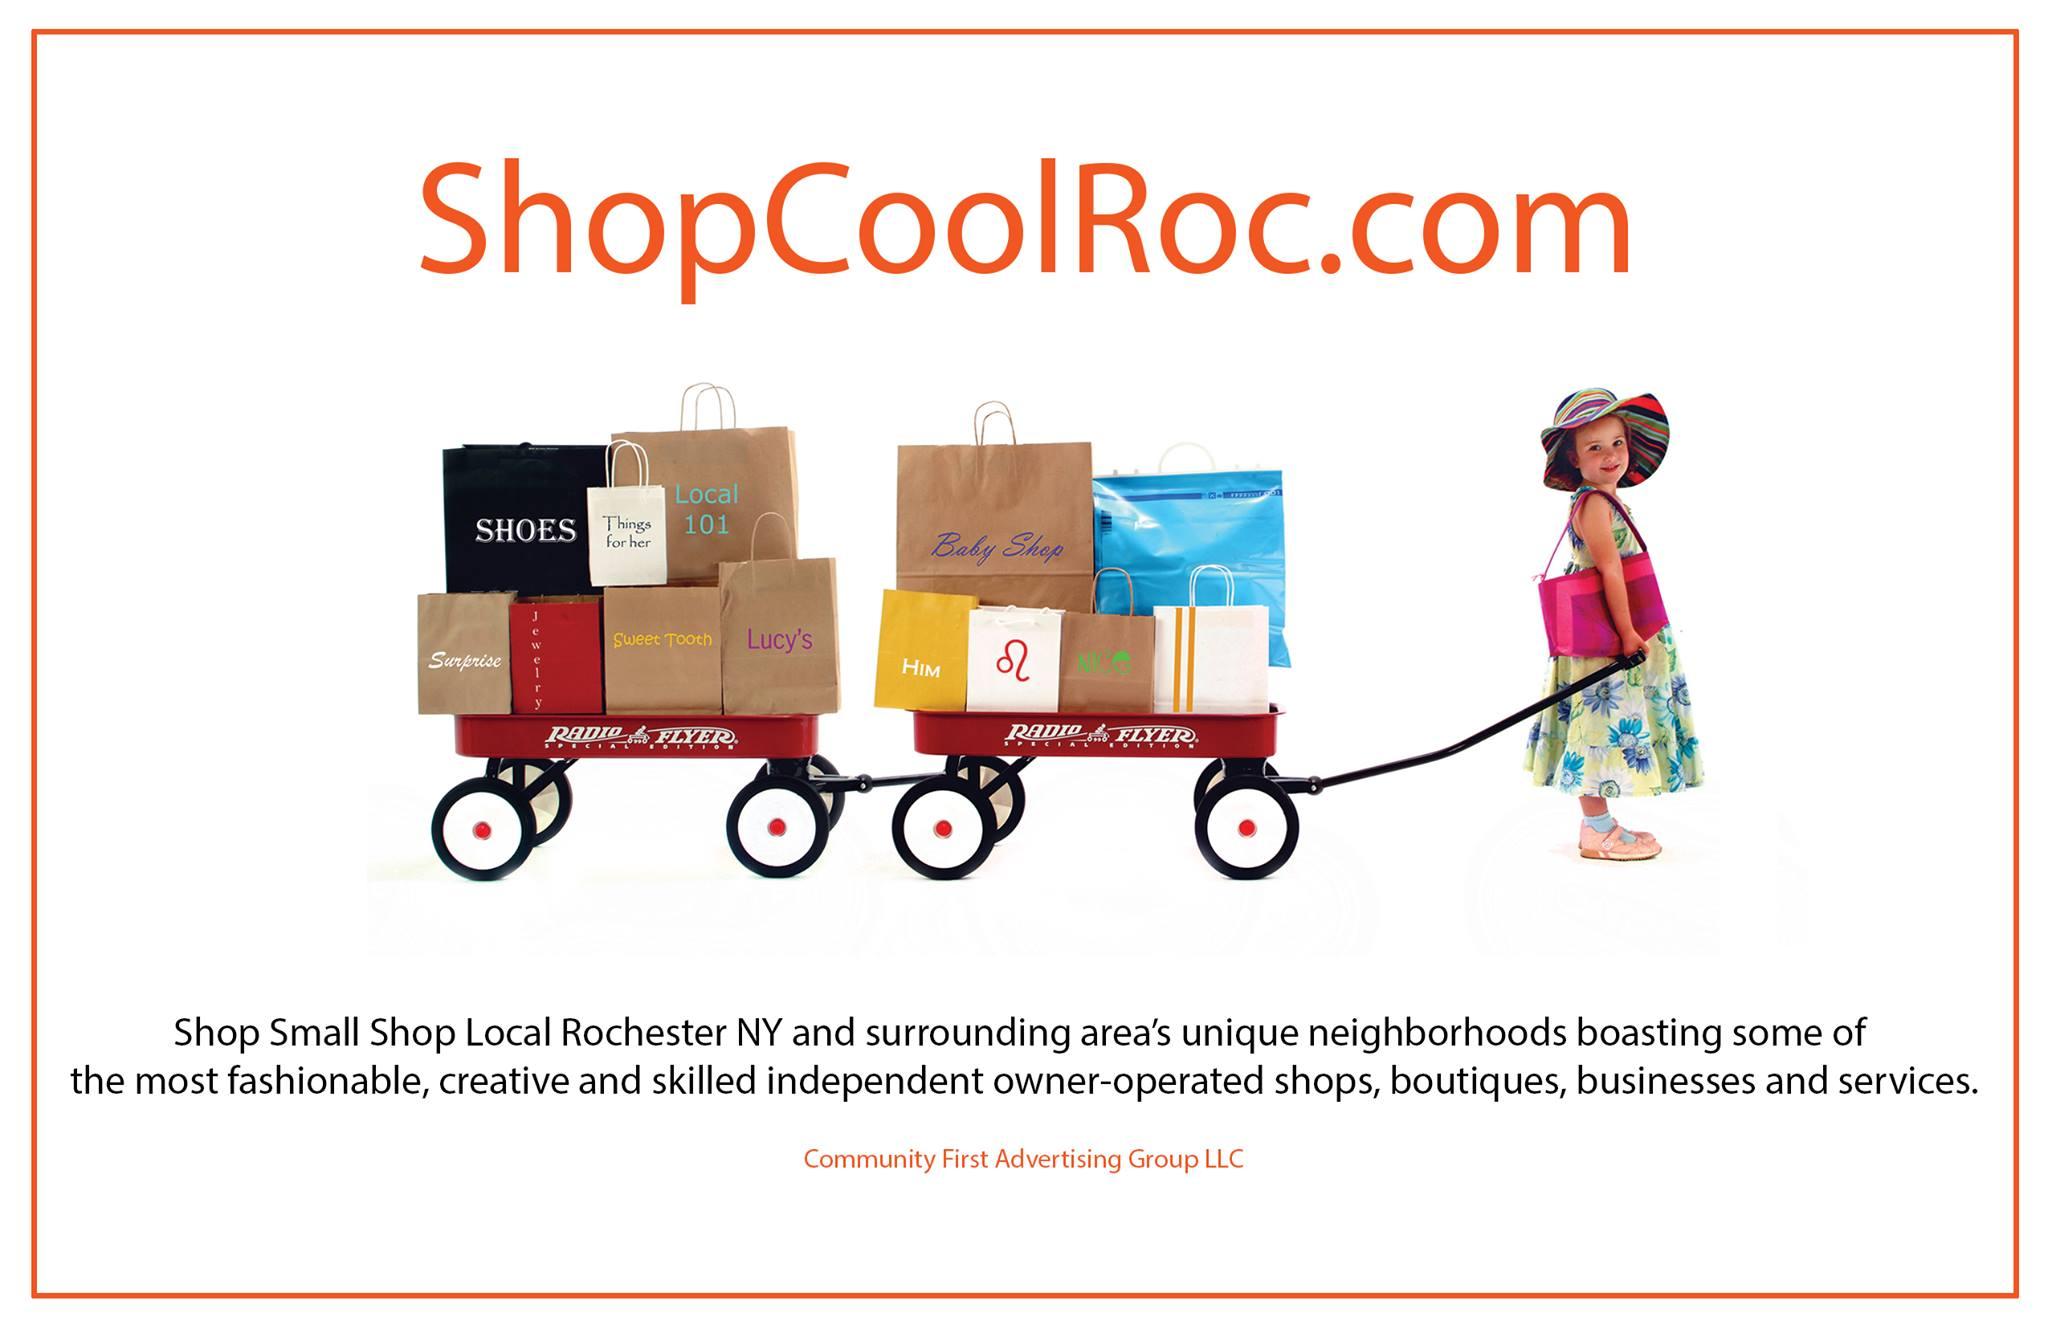 ShopCoolRoc.com